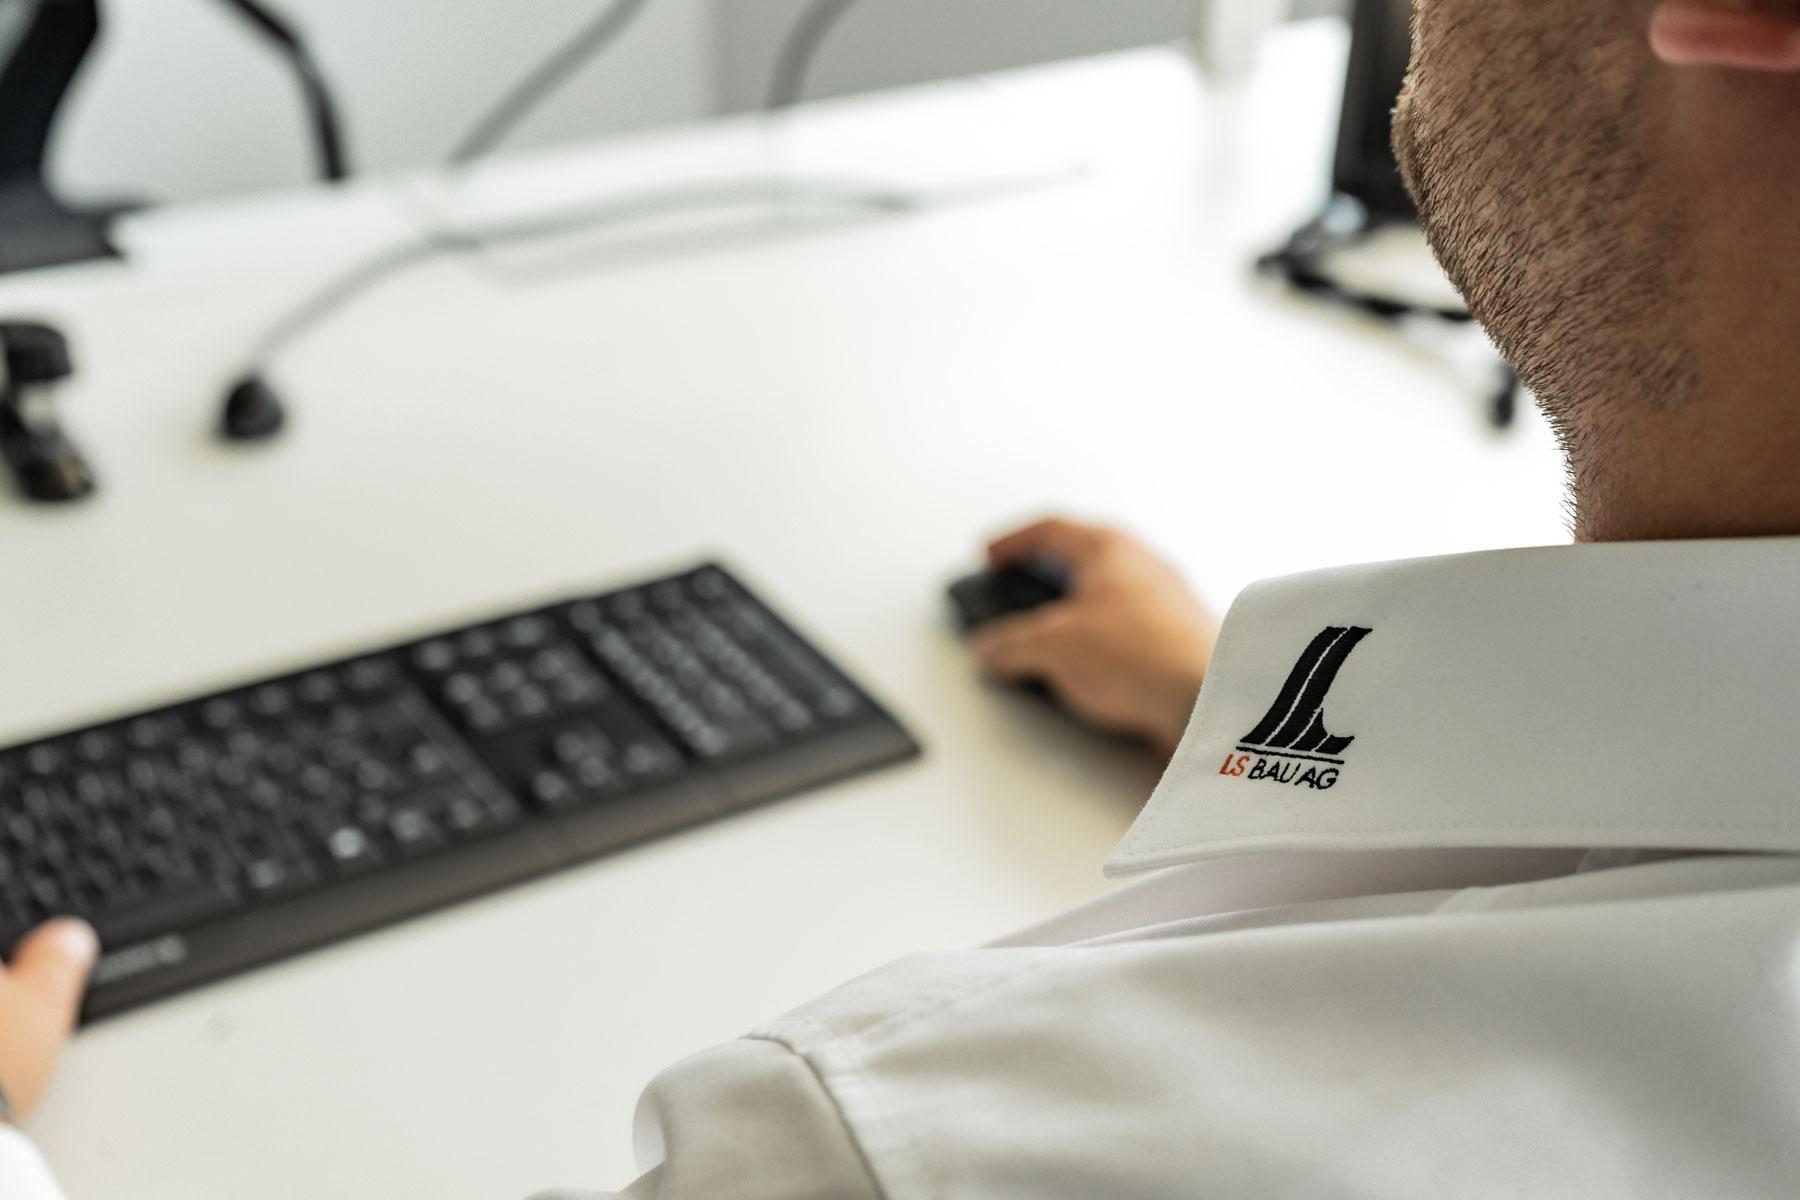 Hemdkragen mit LS Bau AG Logo